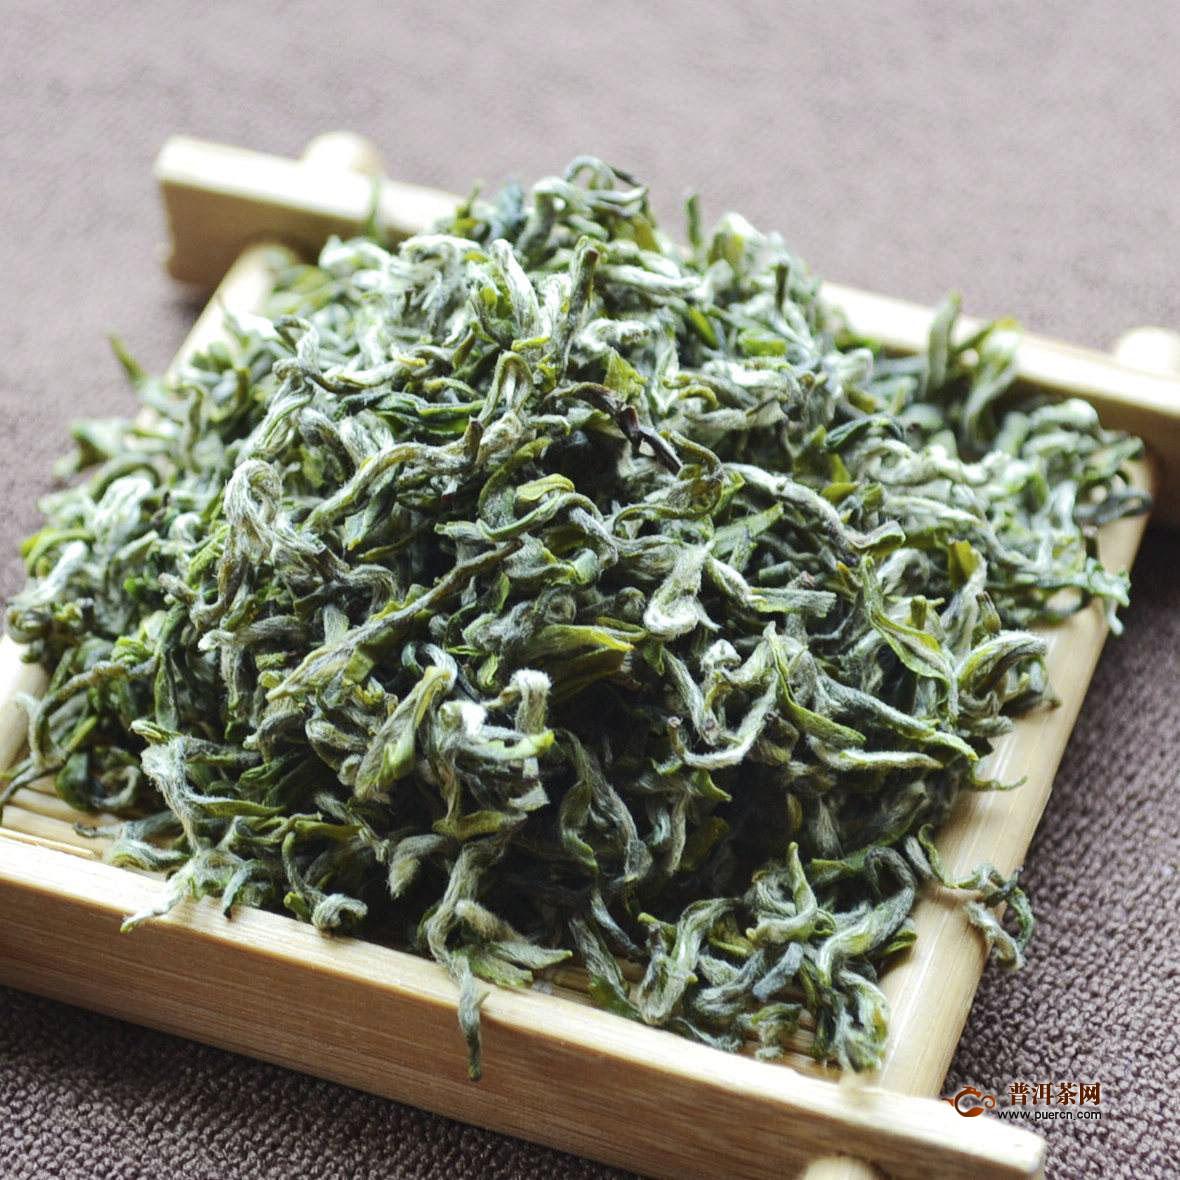 武阳春雨茶需要放冰箱保存吗